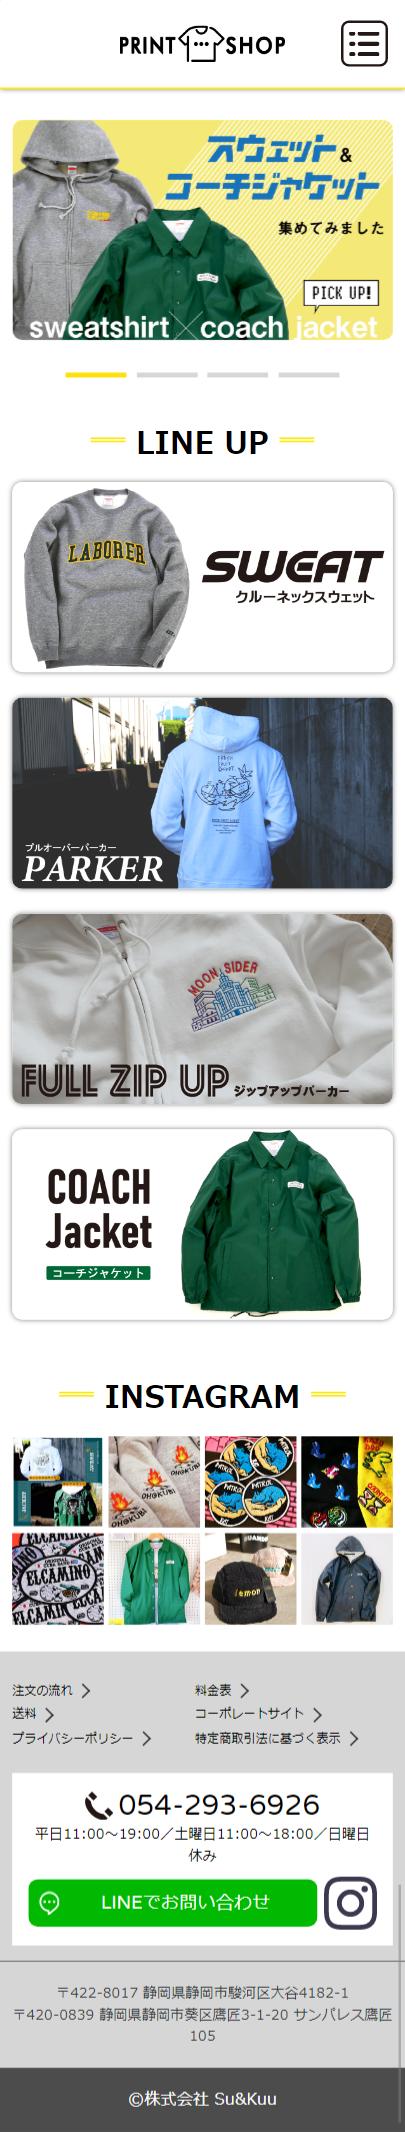 株式会社Su&Kuu様 オリジナルスウェット、コーチジャケット作成サイト